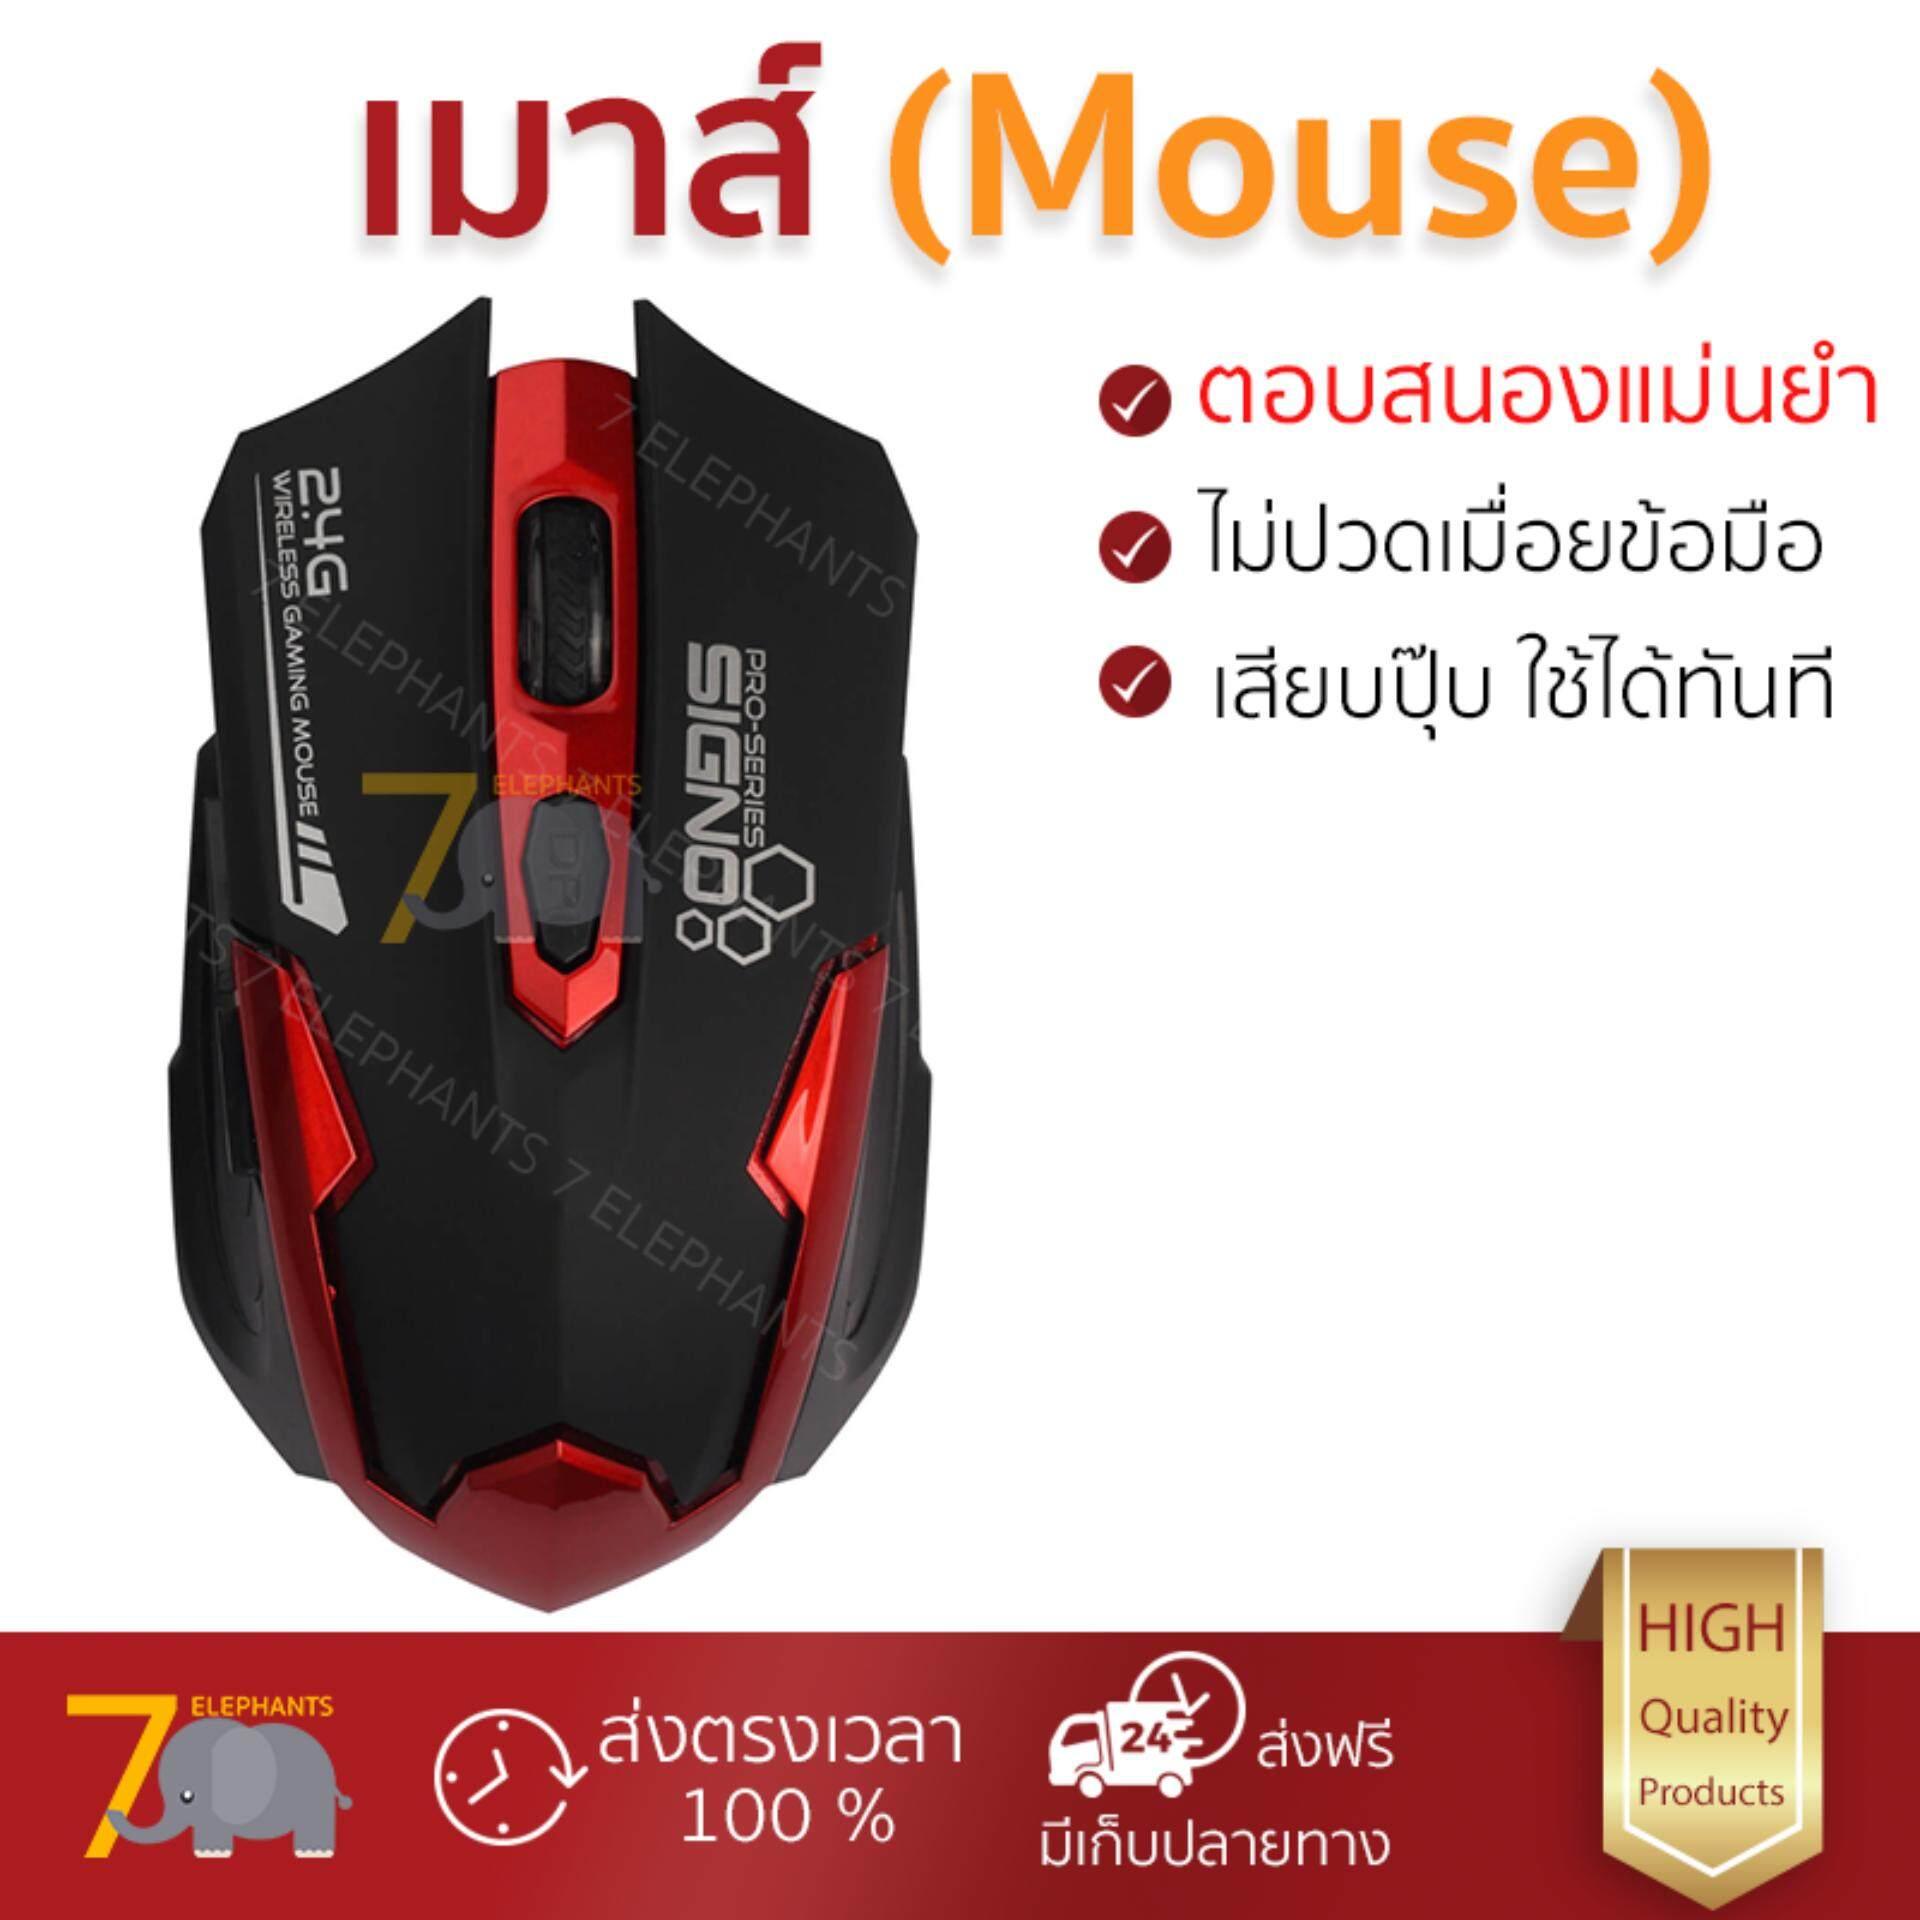 ขายดีมาก! รุ่นใหม่ล่าสุด เมาส์           SIGNO เมาส์เกมส์ (สีดำคาดแดง) รุ่น WM-191BR             เซนเซอร์คุณภาพสูง ทำงานได้ลื่นไหล ไม่มีสะดุด Computer Mouse  รับประกันสินค้า 1 ปี จัดส่งฟรี Kerry ทั่วป